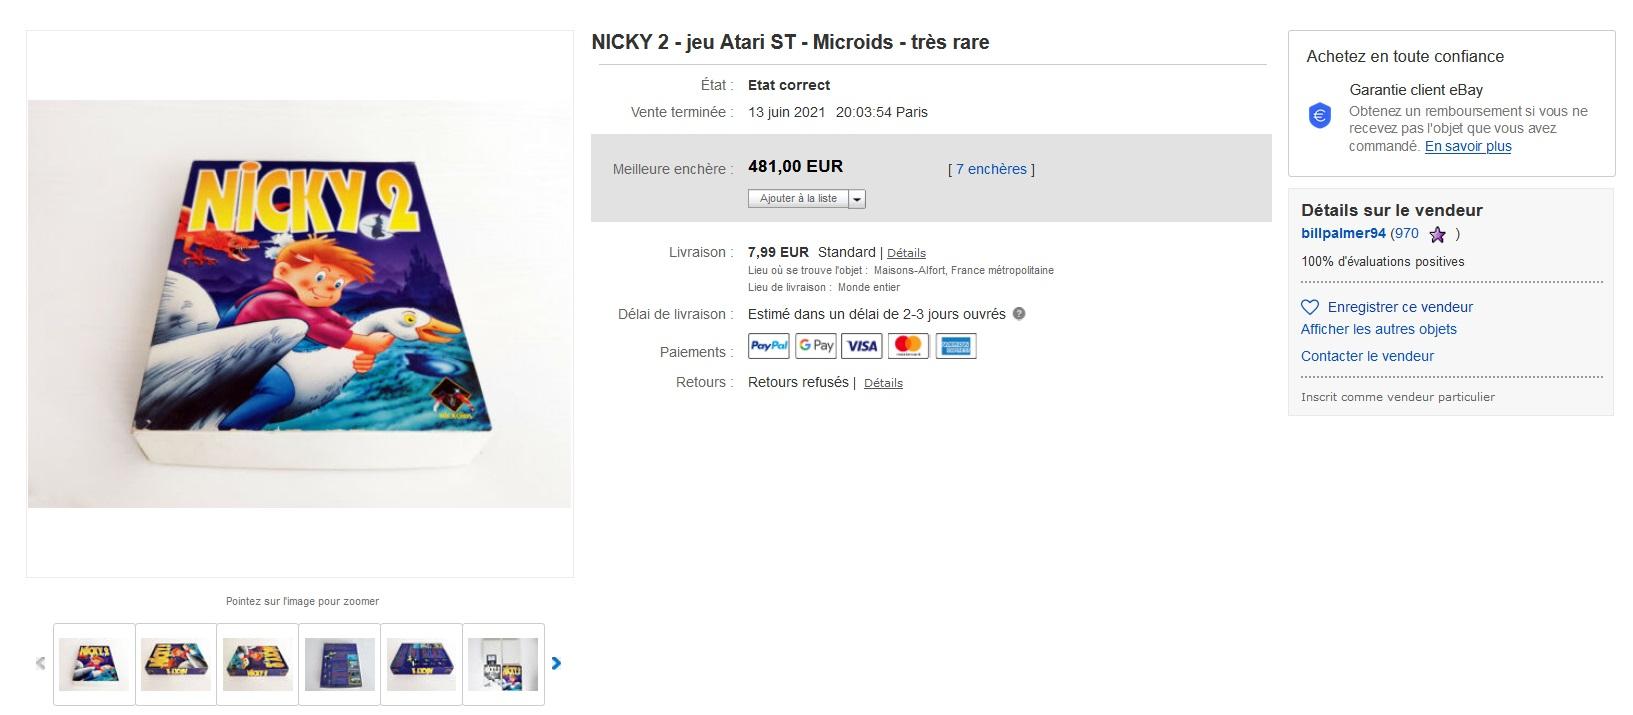 atari-nicky2-microids-01